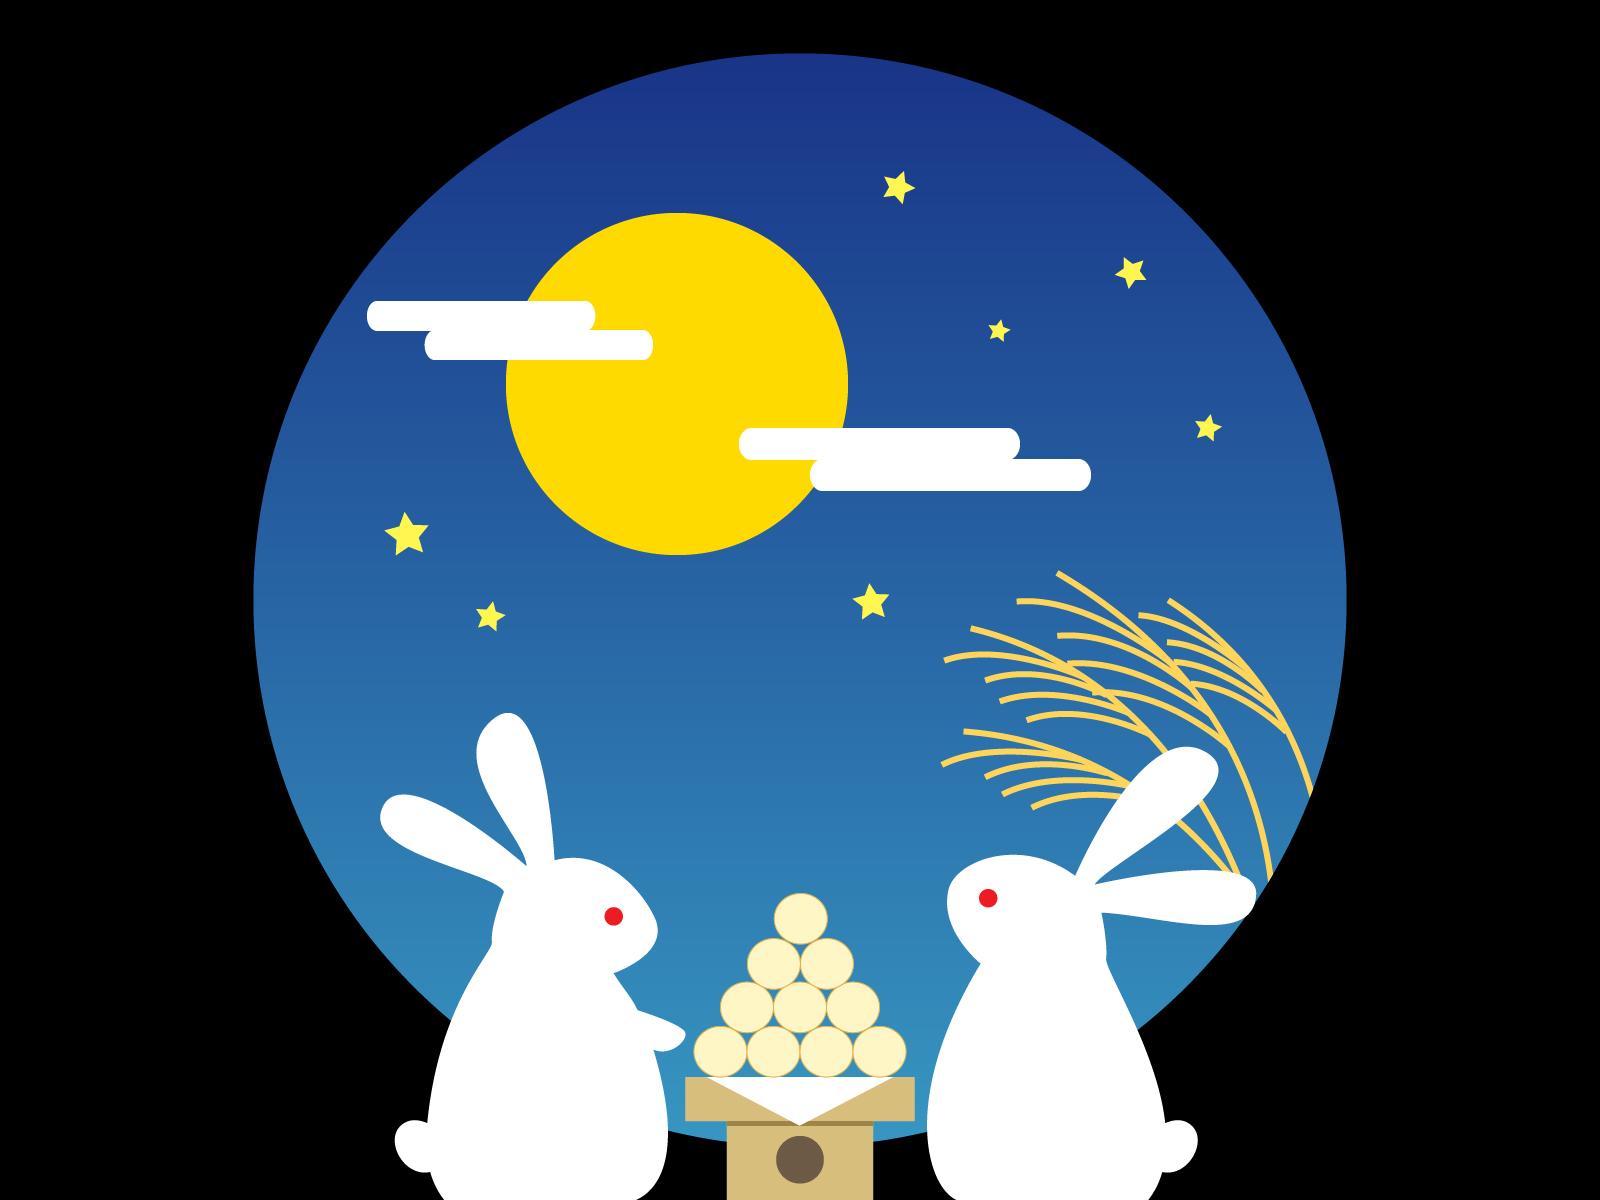 十五夜に中秋の名月を見ながらお月見をするうさぎ達